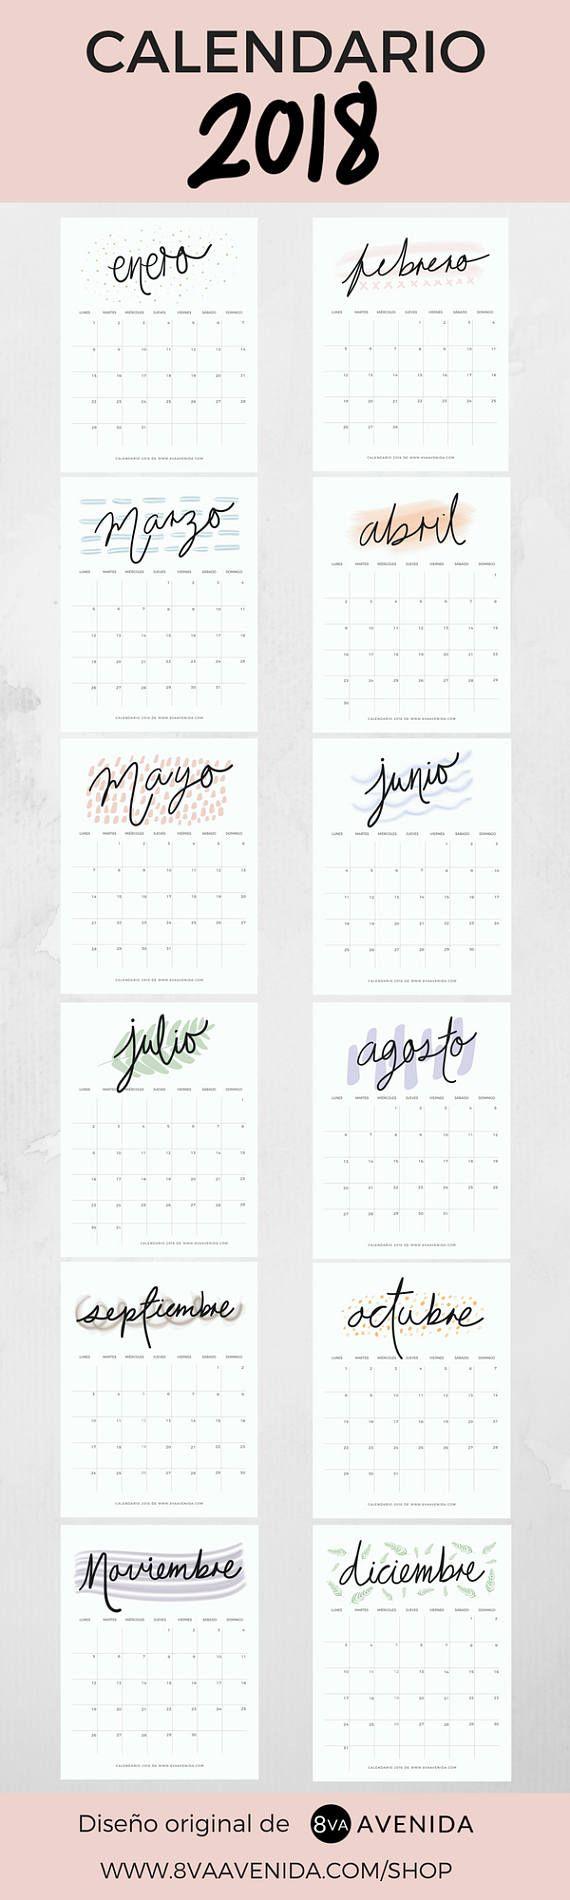 Calendario 2018 Dreams & Plans diseño original de 8va Avenida. Inicio de semana en lunes. Tamaño carta Planeación mensual. Descarga instantánea: PDF incluido. Descarga gratis fondos de pantalla mensuales a juego con el calendario en www.8vaavenida.com